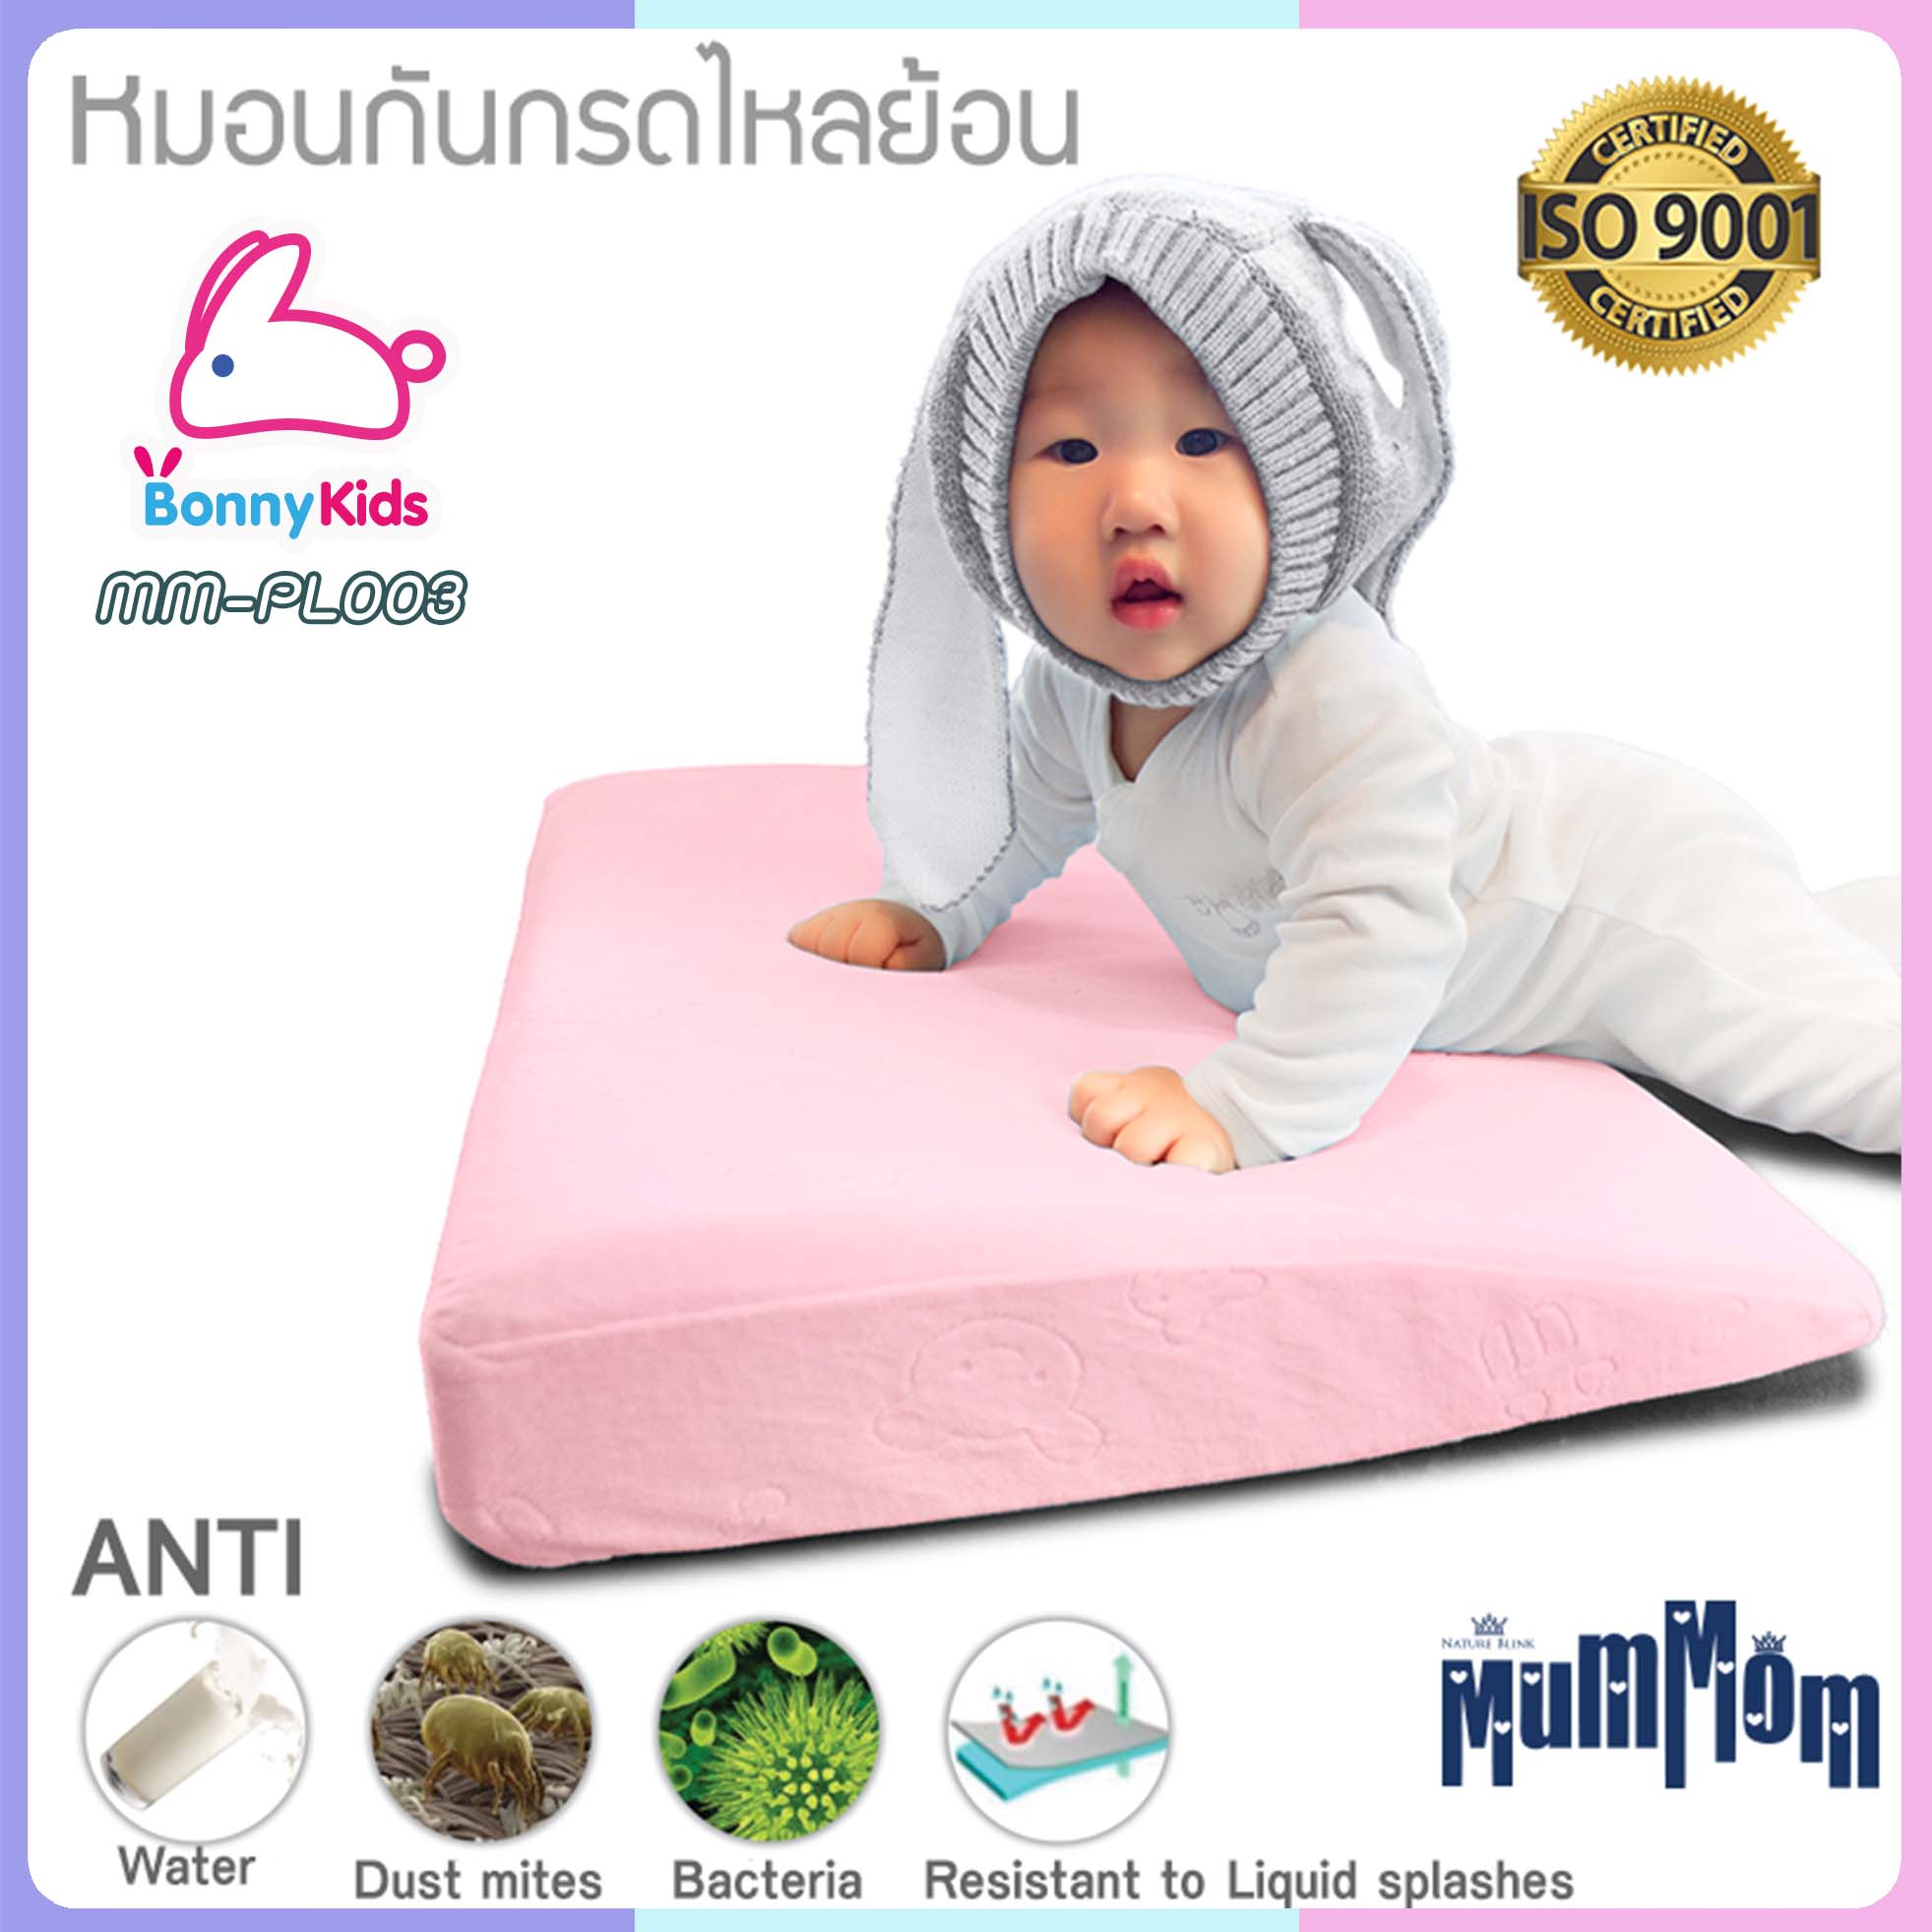 หมอนกันกรดไหลย้อน หมอนกันแหวะนม หมอนหนุนหัวสูง Baby Acid Reflux Pillow MumMom สีชมพู